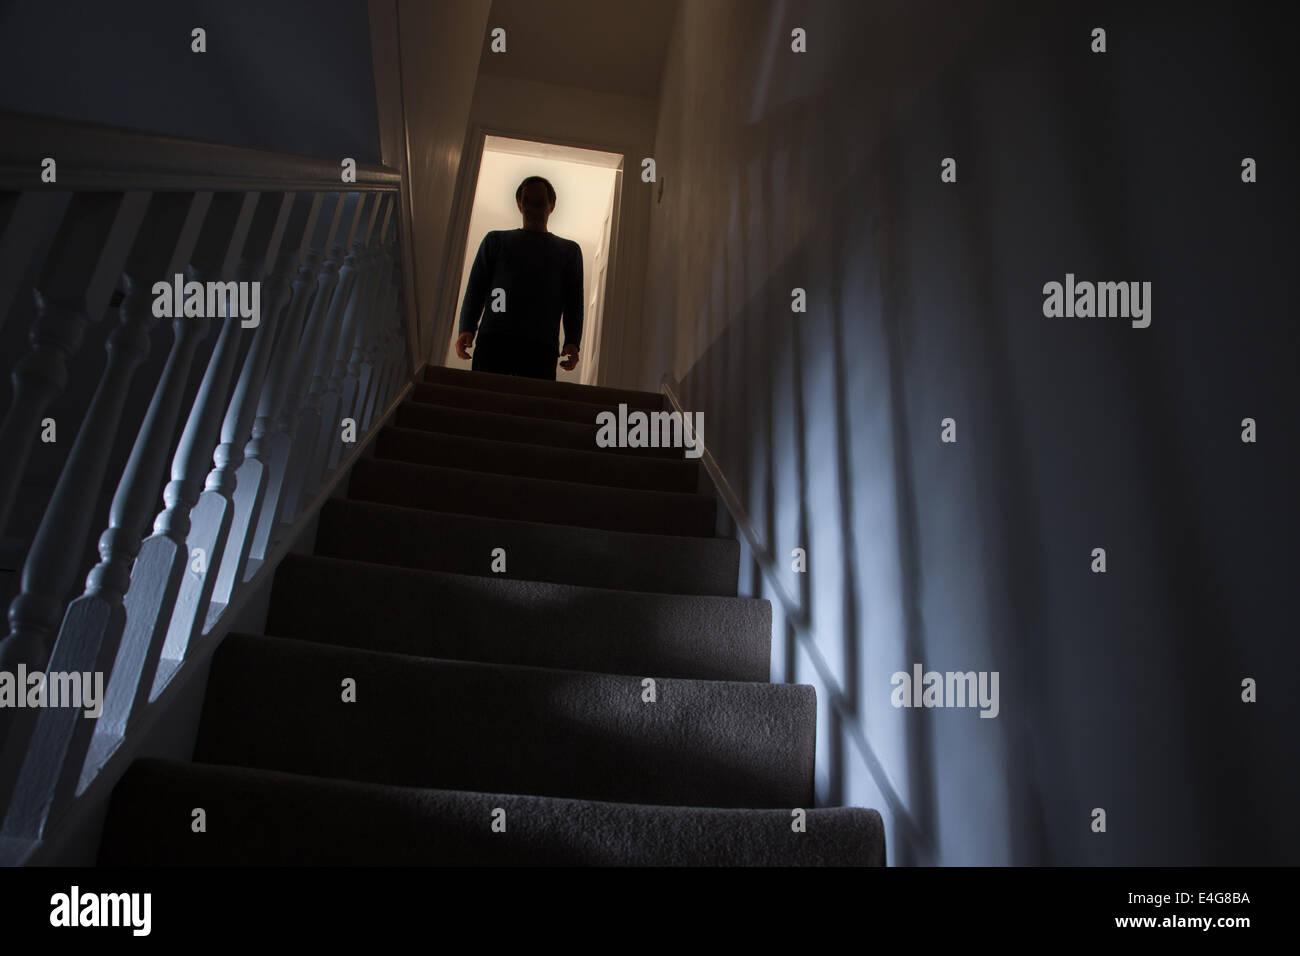 Silhouette eines Mannes stehen an der Spitze einer Treppe, Schatten an den Wänden des Lichts unter. Stockbild